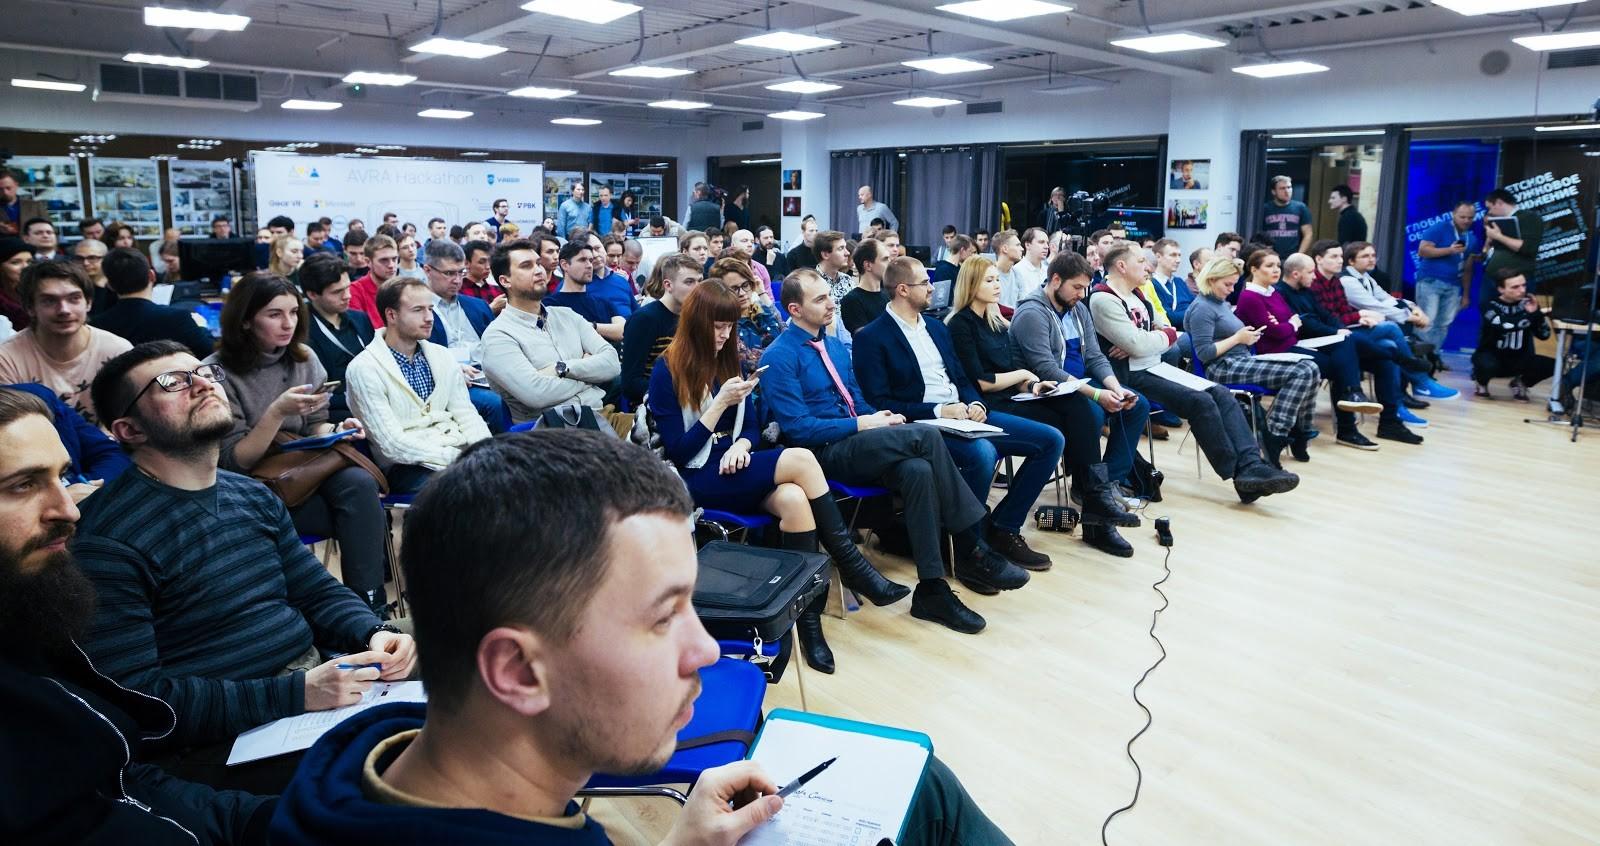 На хакатоне AVRA Hackathon представили более 30 проектов виртуальной реальности